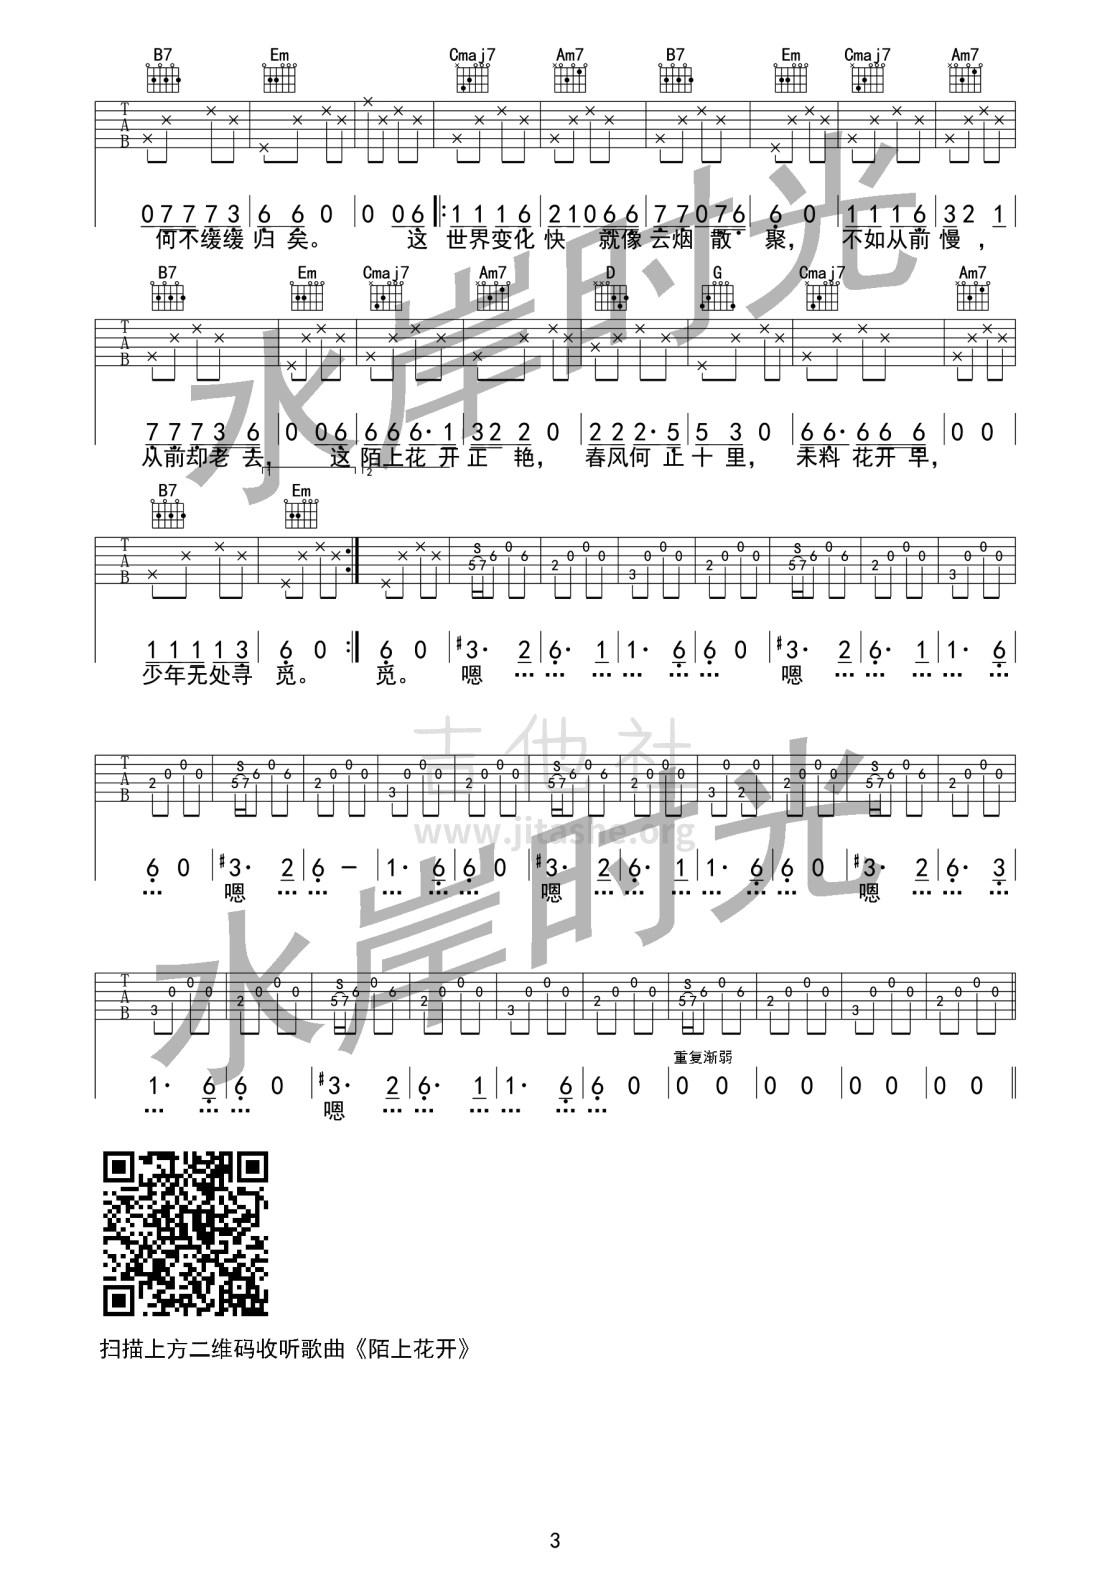 陌上花开吉他谱(图片谱,原版,简单版,木吉他)_水岸_陌上花开03.jpg